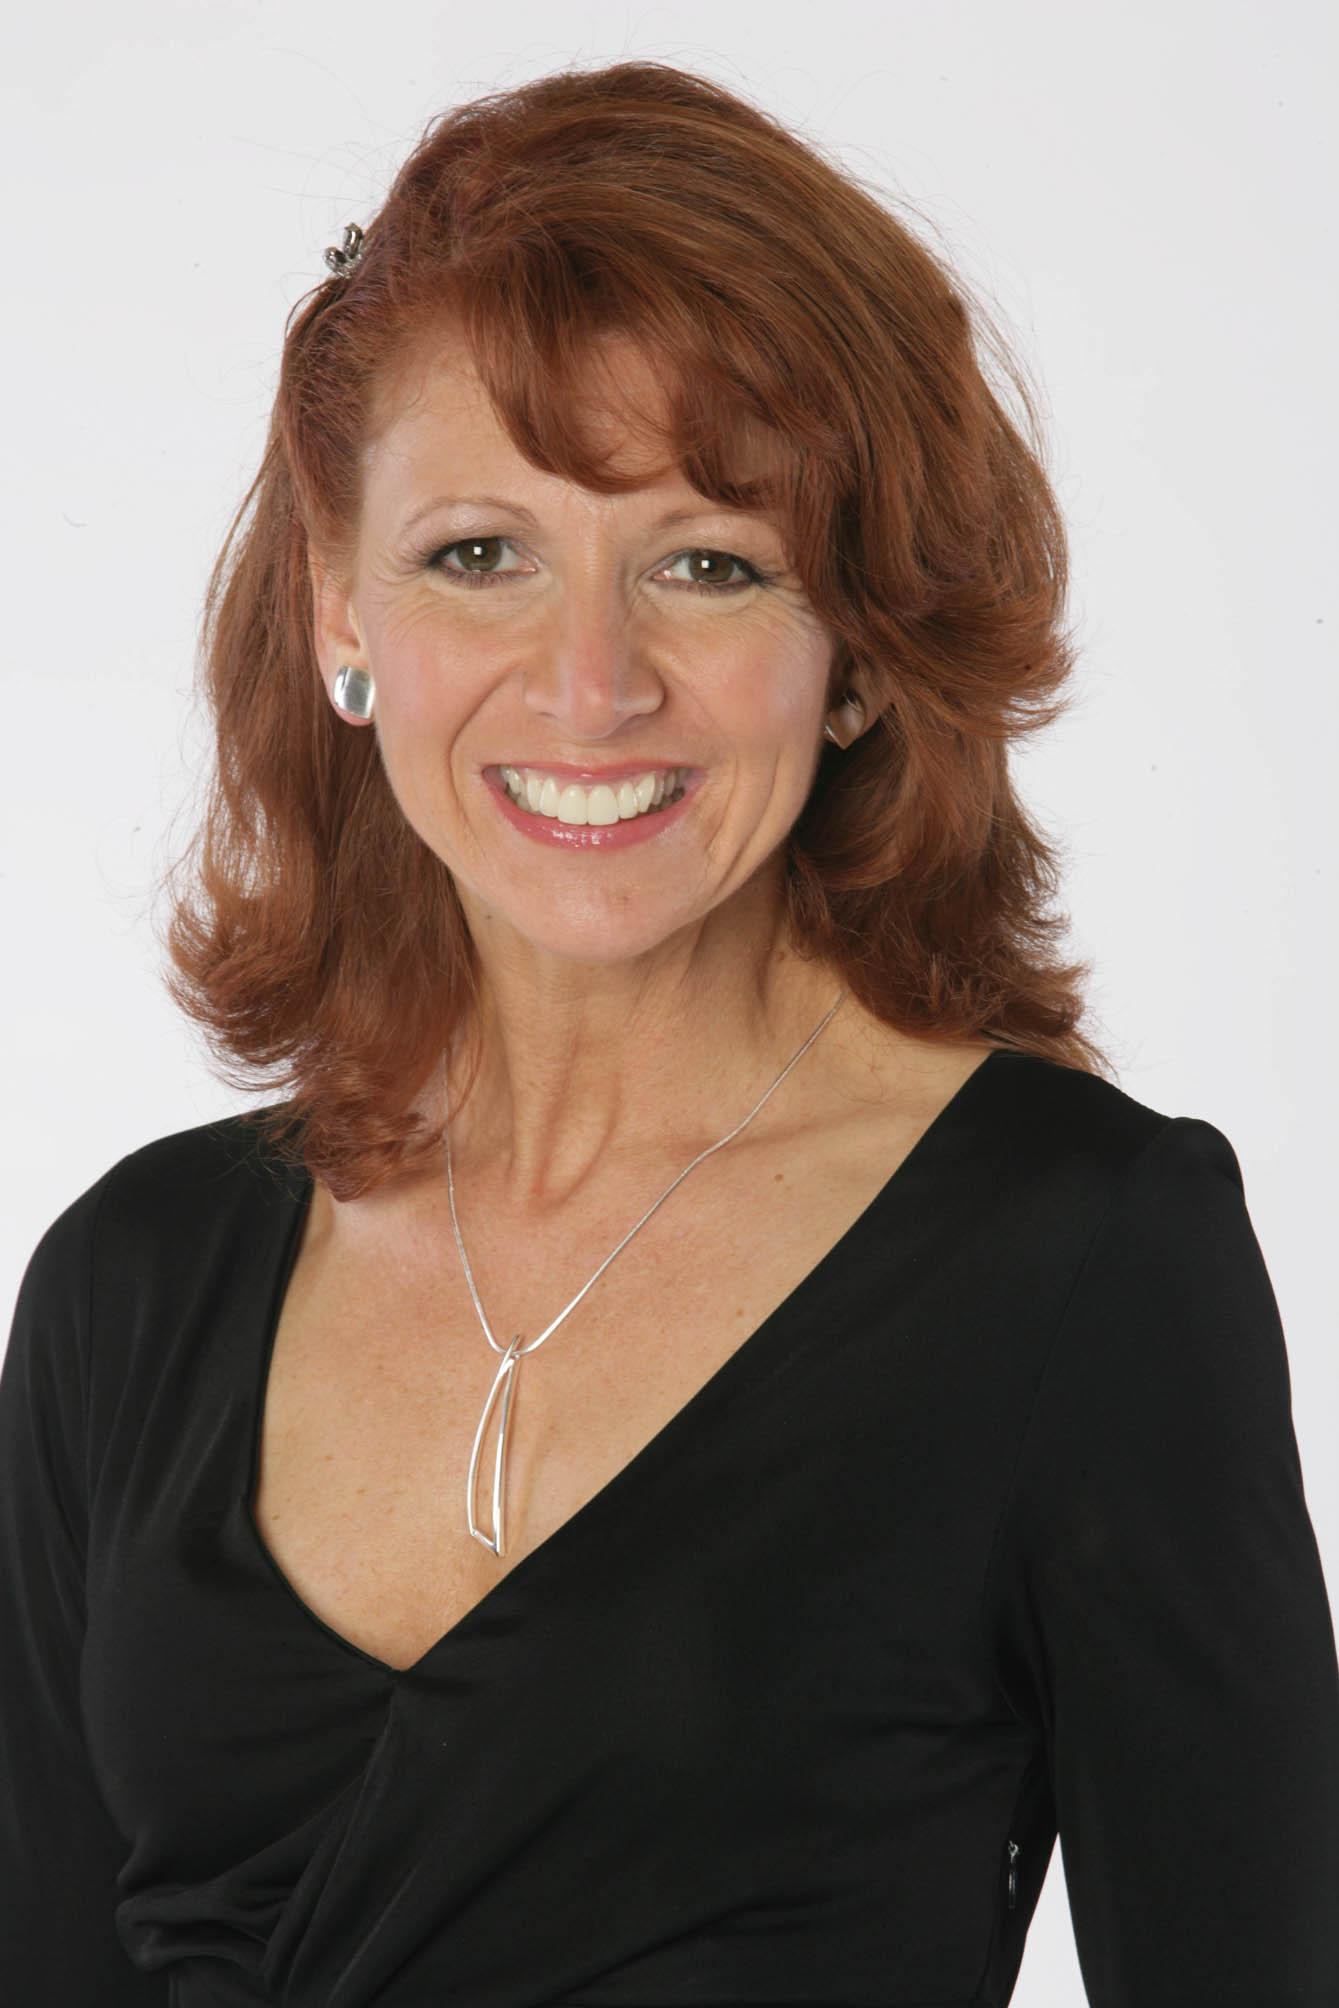 Bonnie Langford on TV's latest dance craze